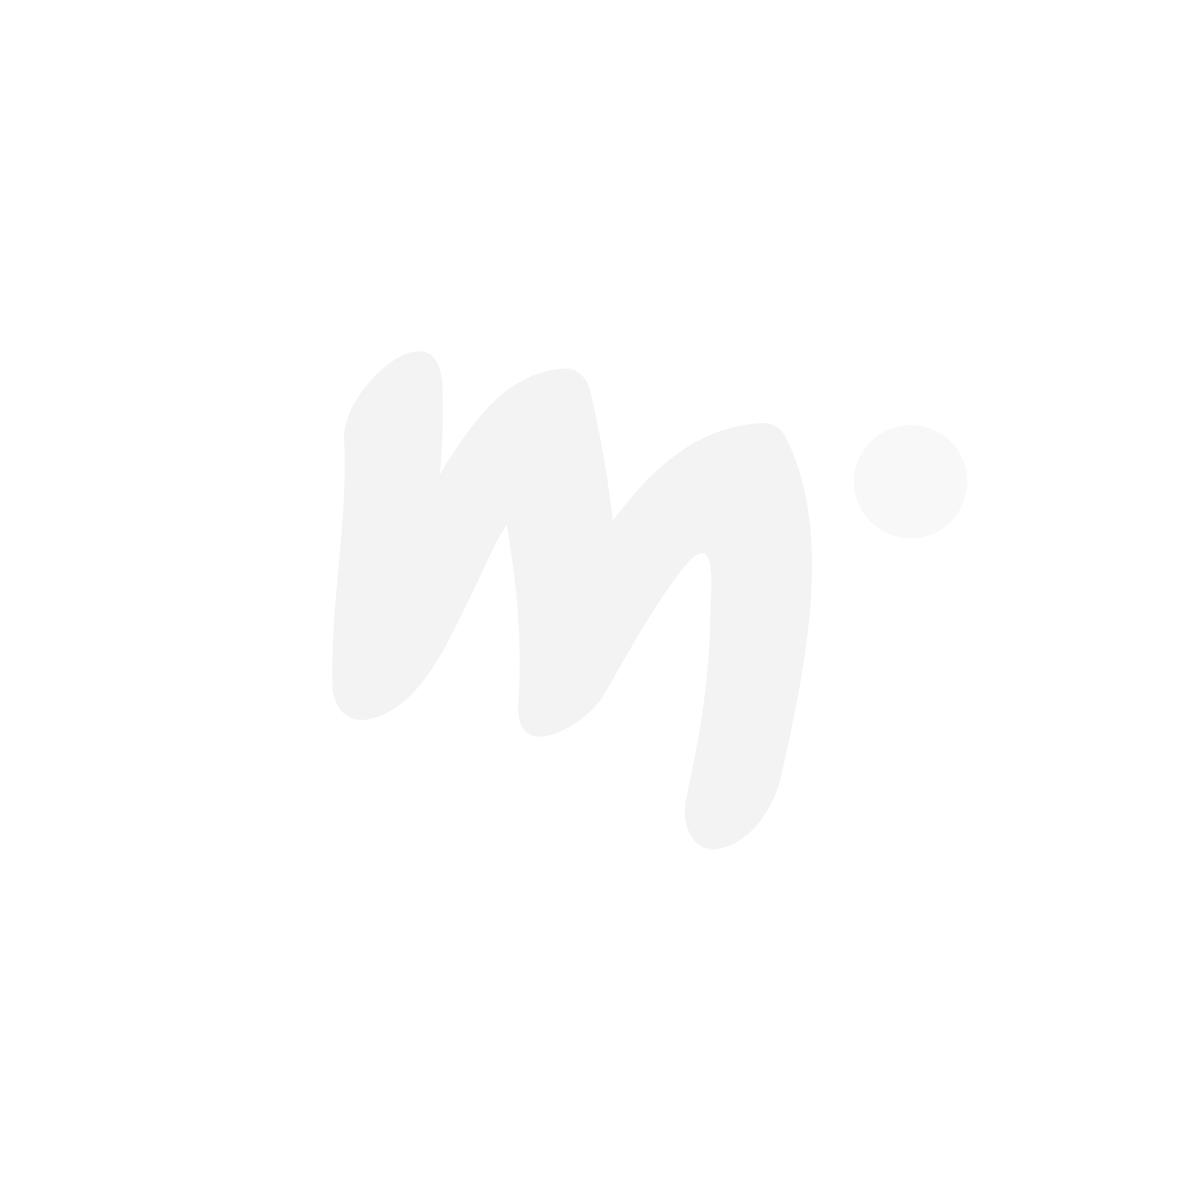 Muumi Kynänjälki-pyjama luonnonvalkoinen